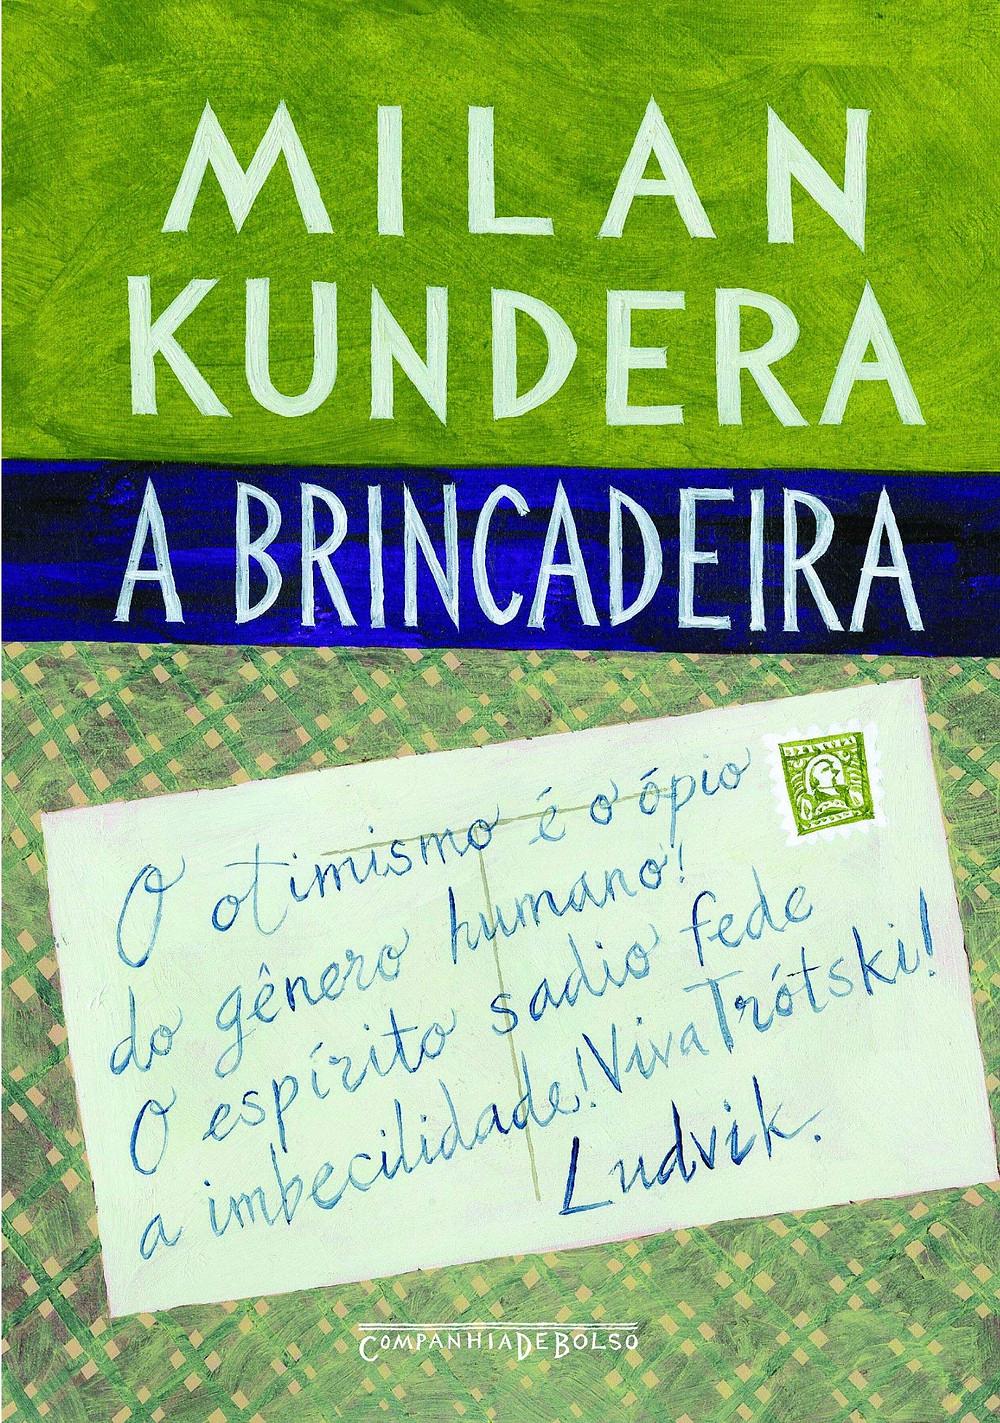 A Brincadeira de Milan Kundera